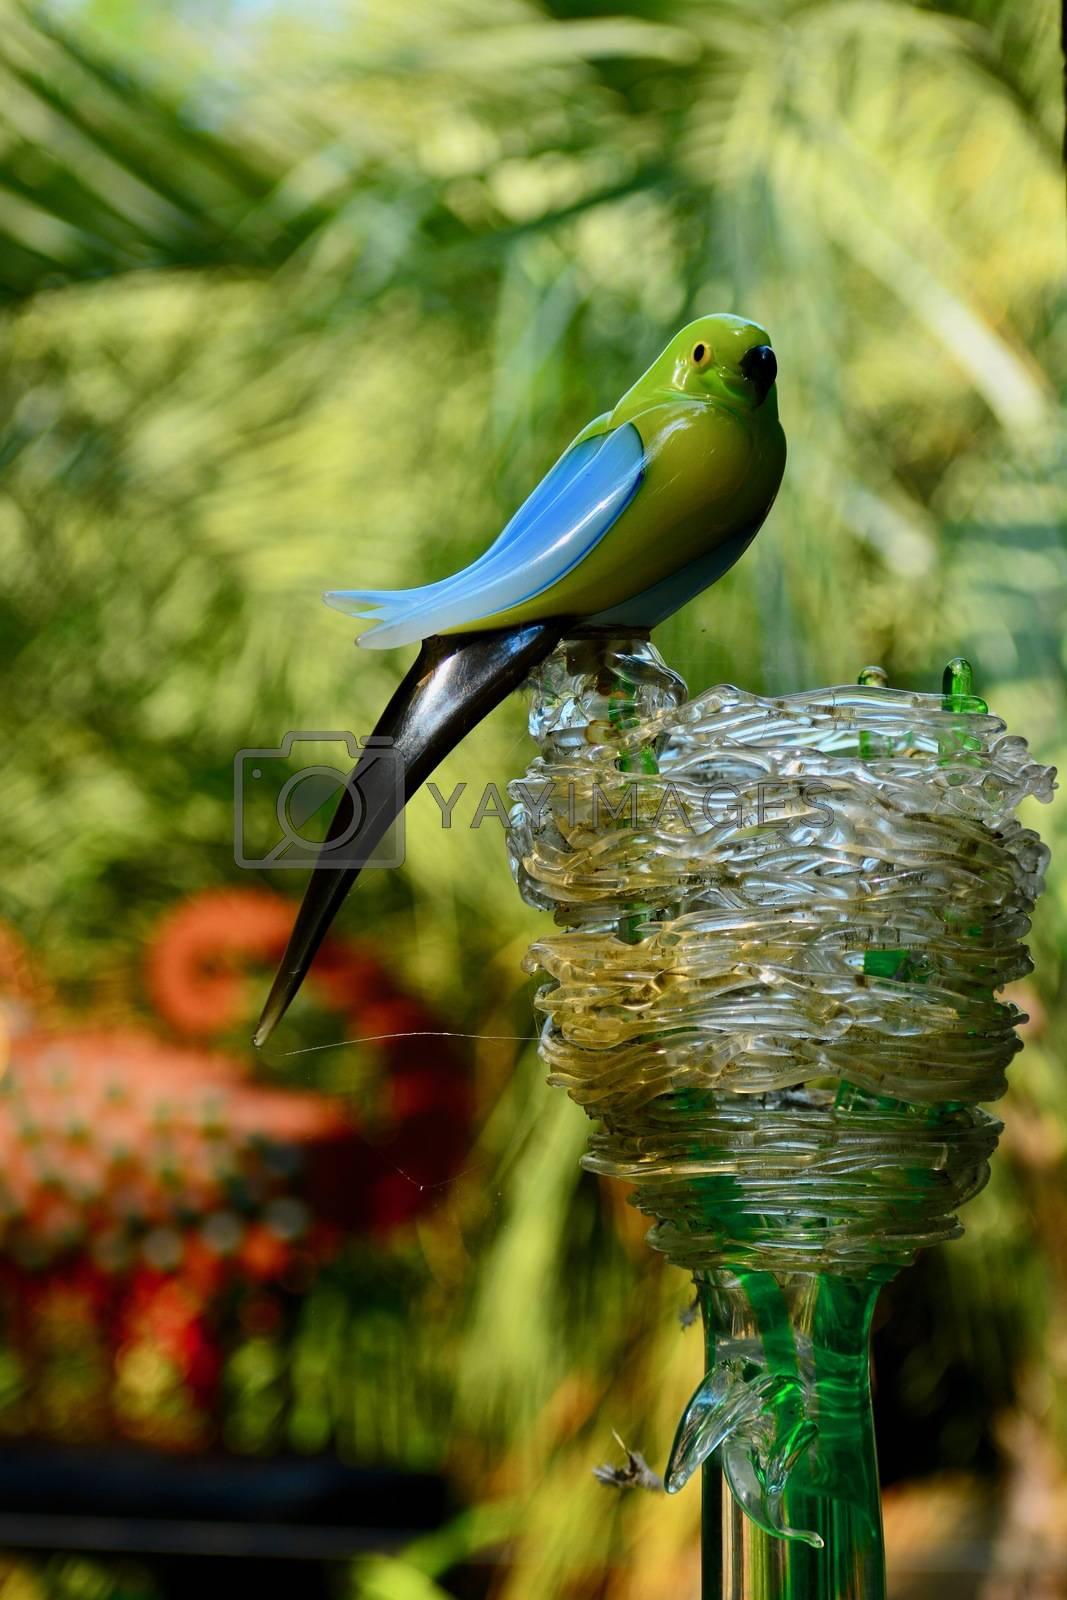 A cute porcelain sculpture representing a little bird next to its nest.